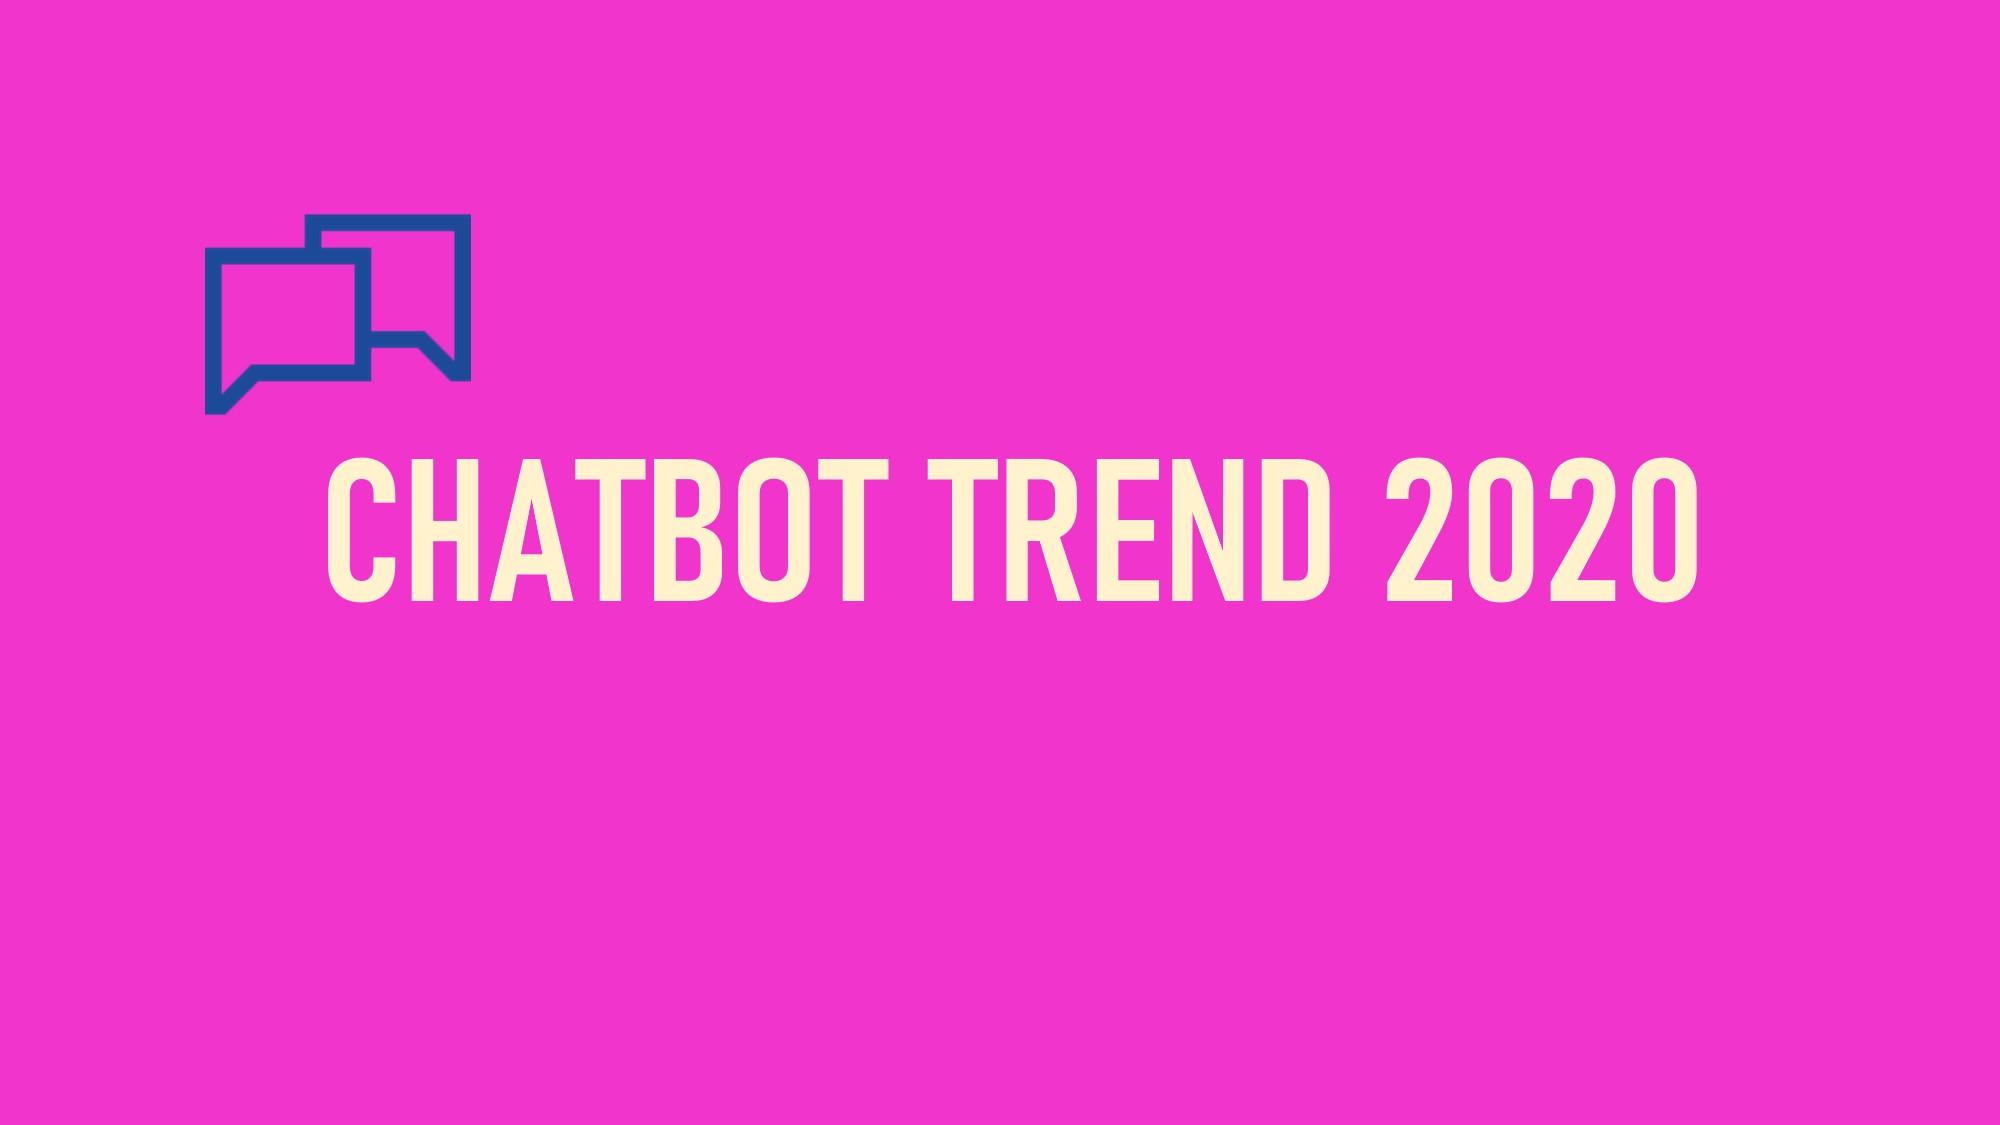 챗봇 트렌드 2020: 1인 1봇 시대의 등장Chatbot Trend 2020: Coming New Era for 1 Person 1 Bot(A.I Chatbot)